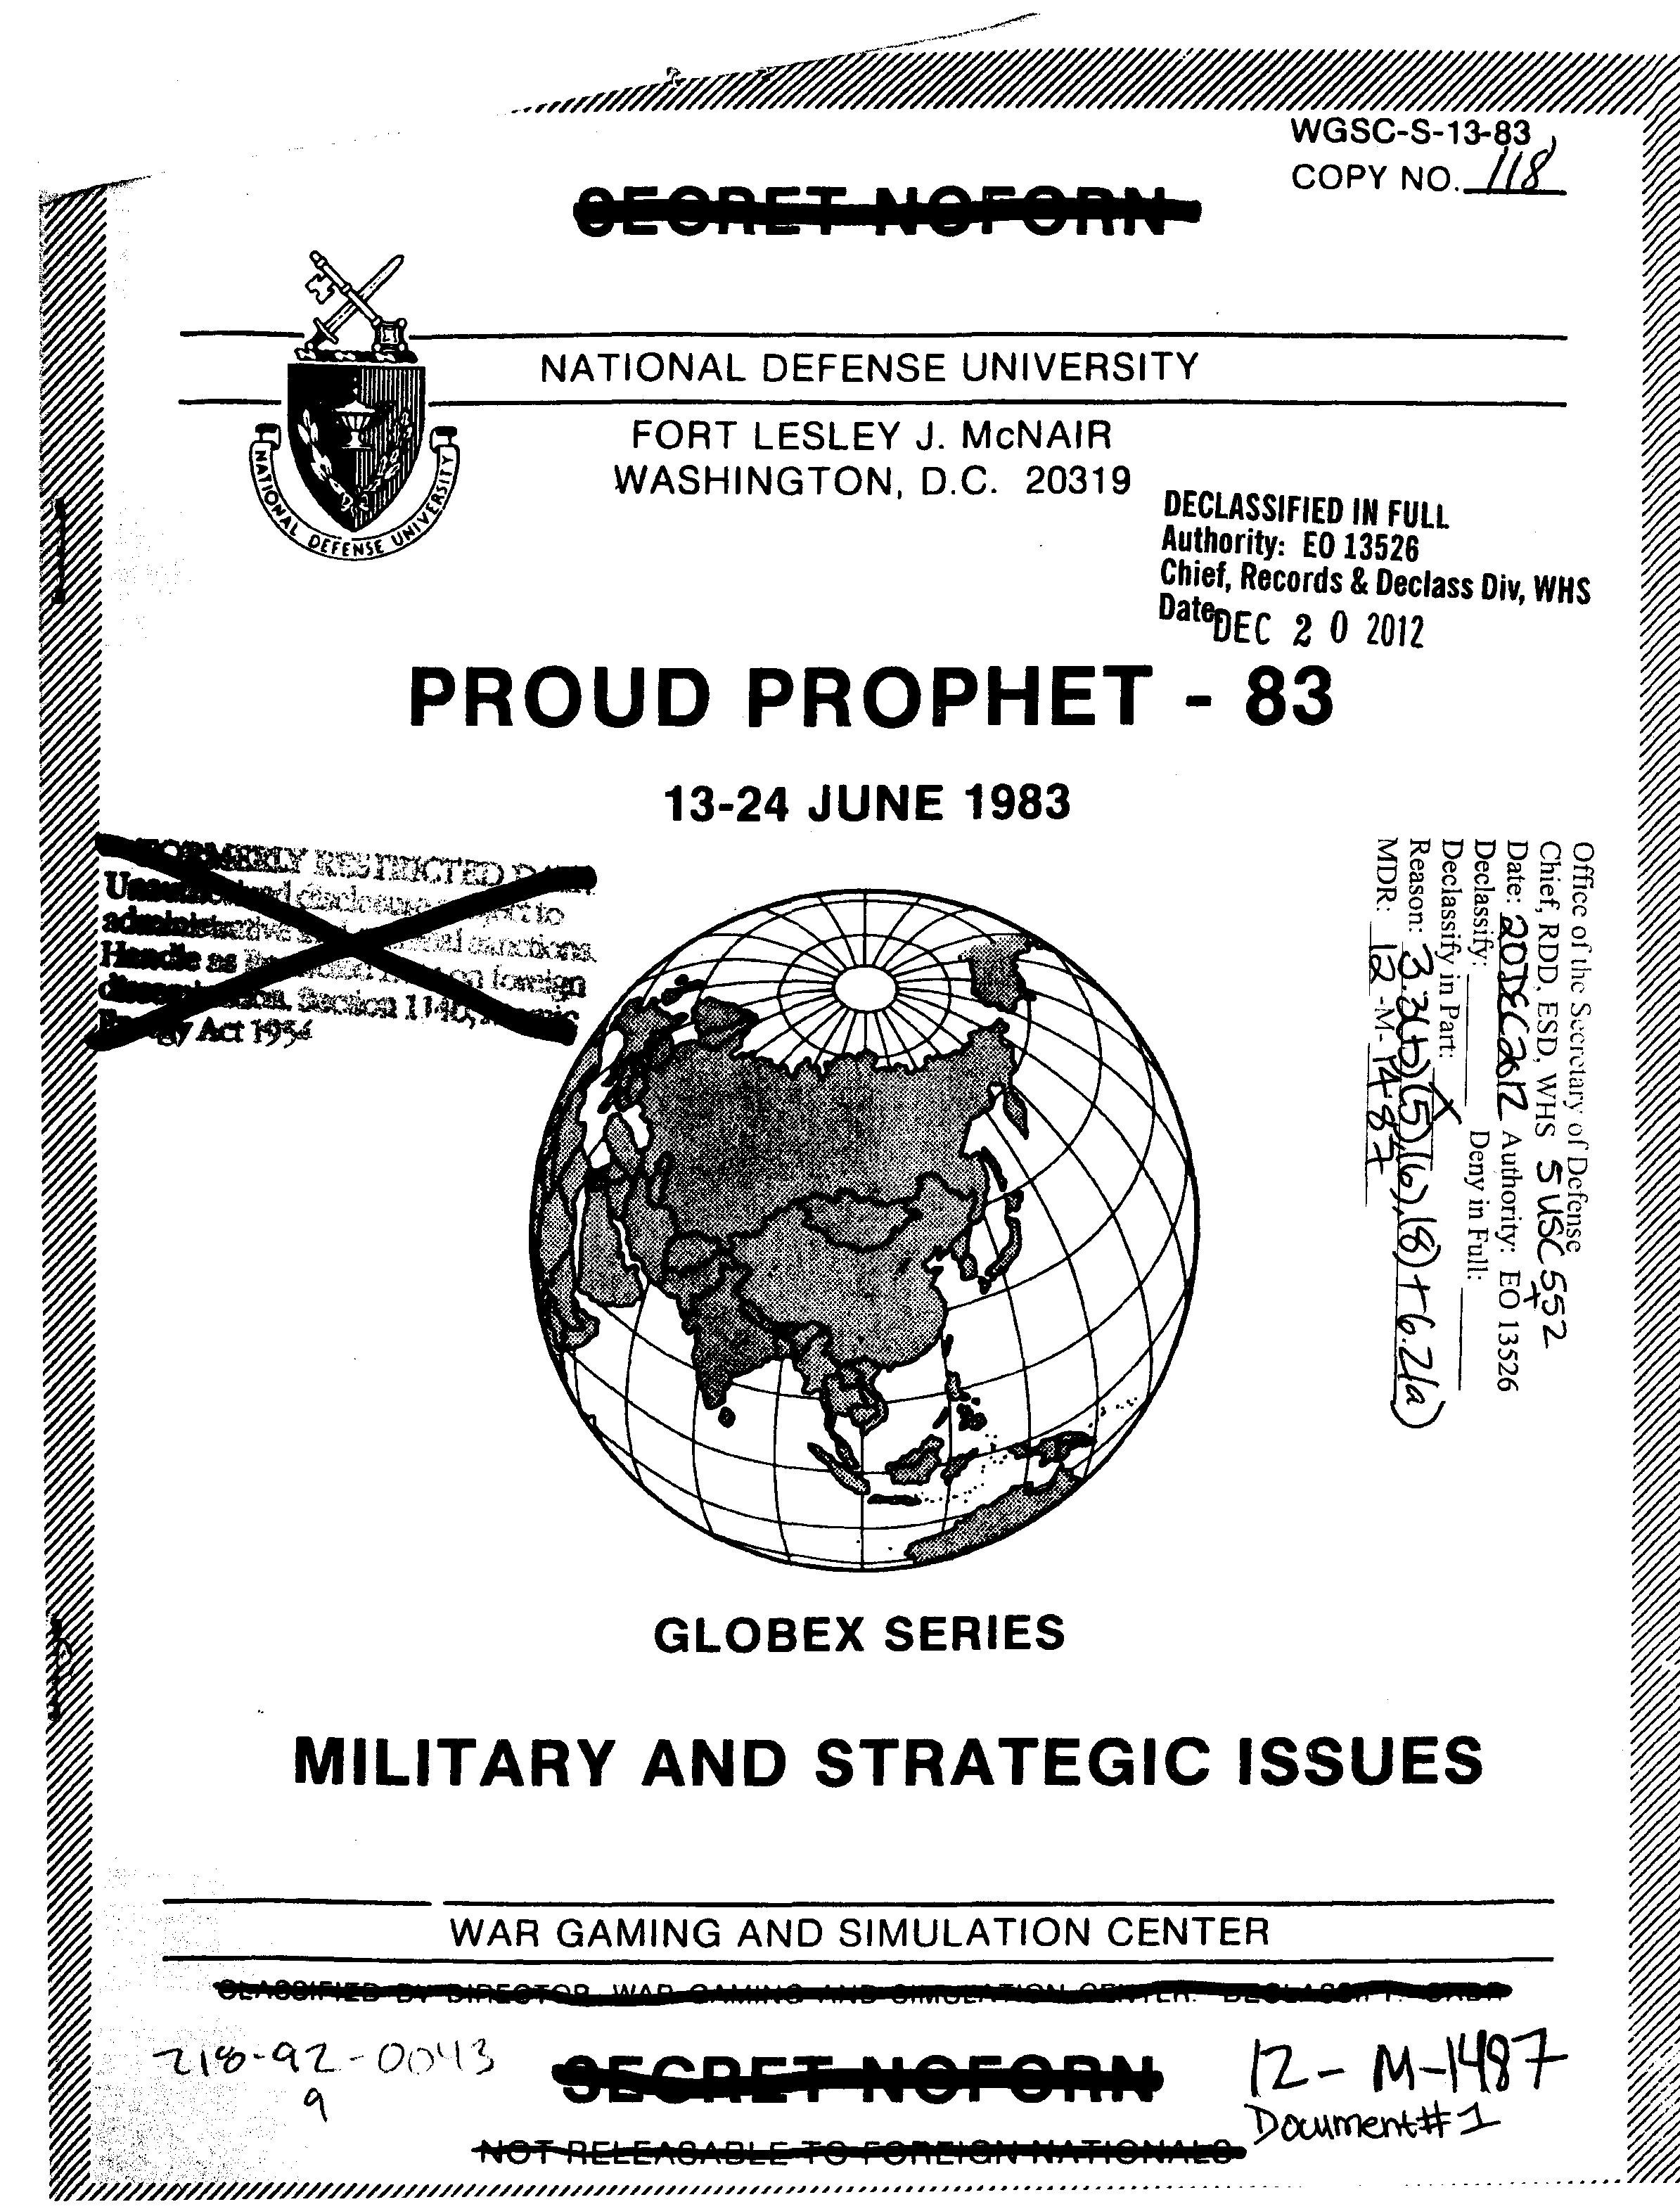 2 мая 1983 г. администрация президента США Рейгана начала учения под названием Proud Prophet («Гордый пророк»).